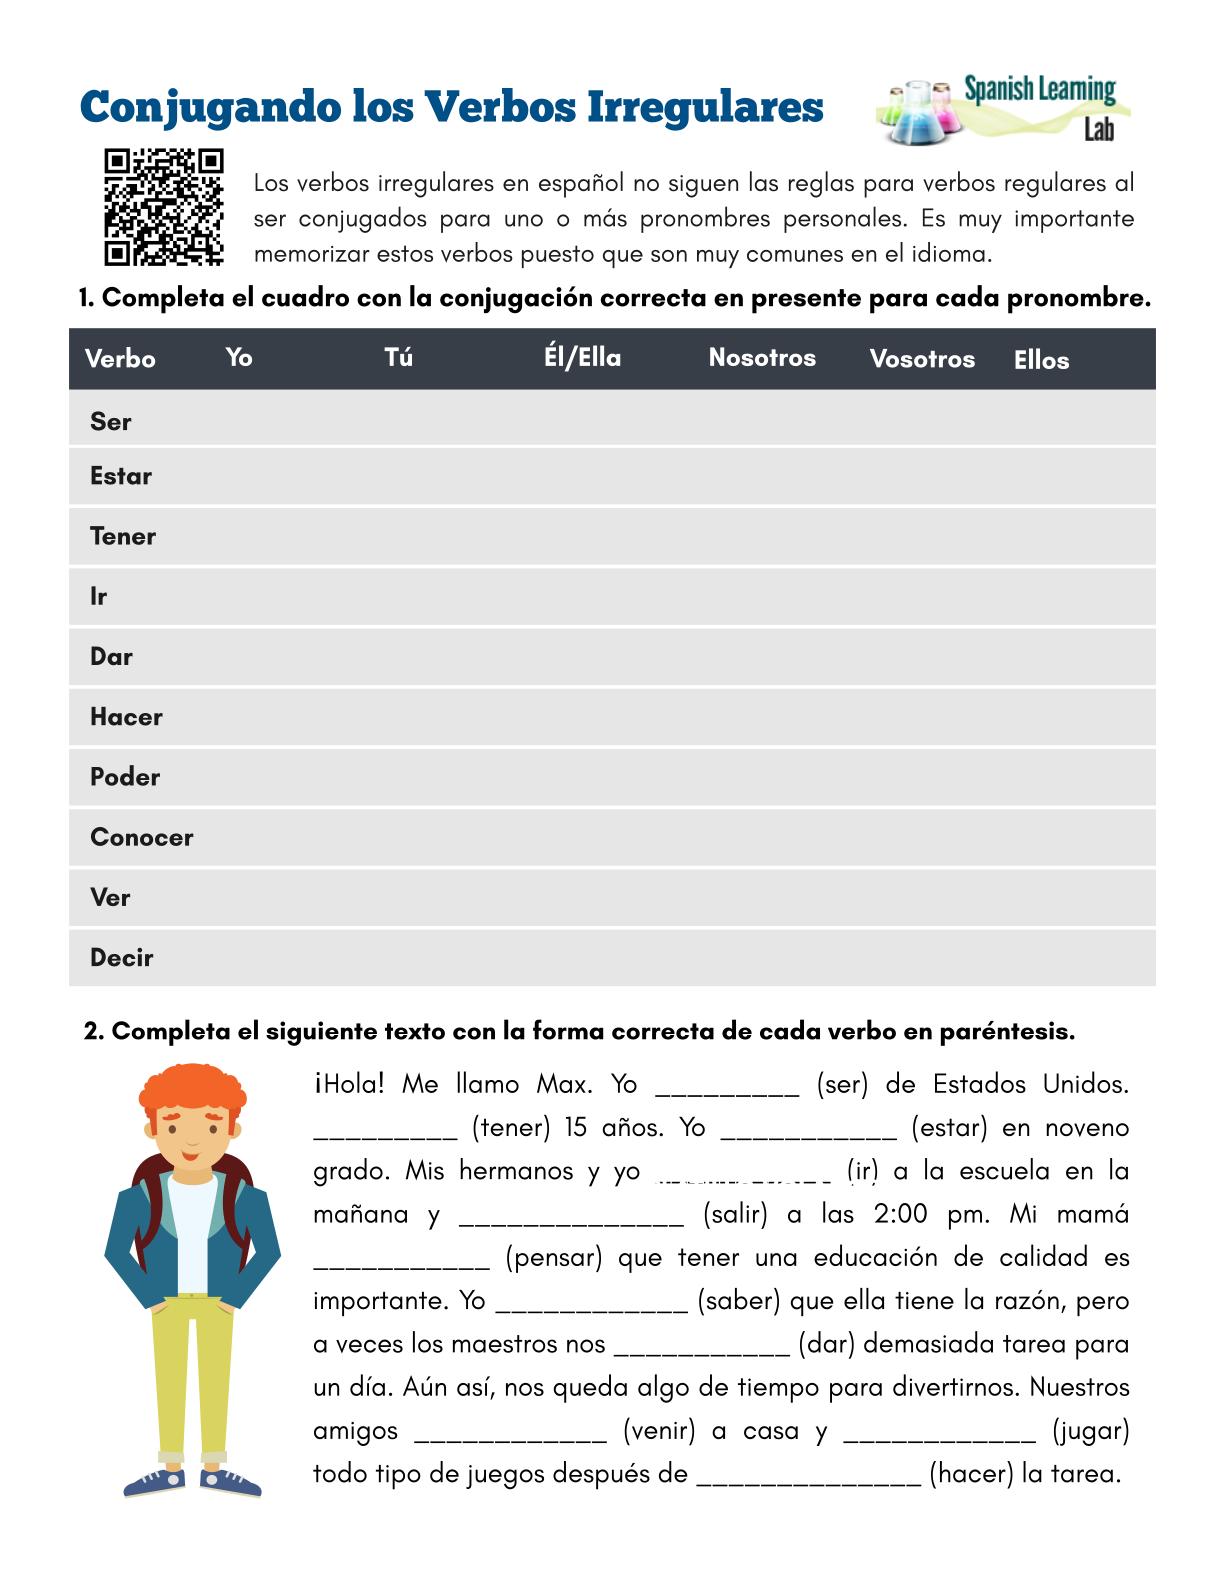 Conjugando Los Verbos Irregulares En Espanol